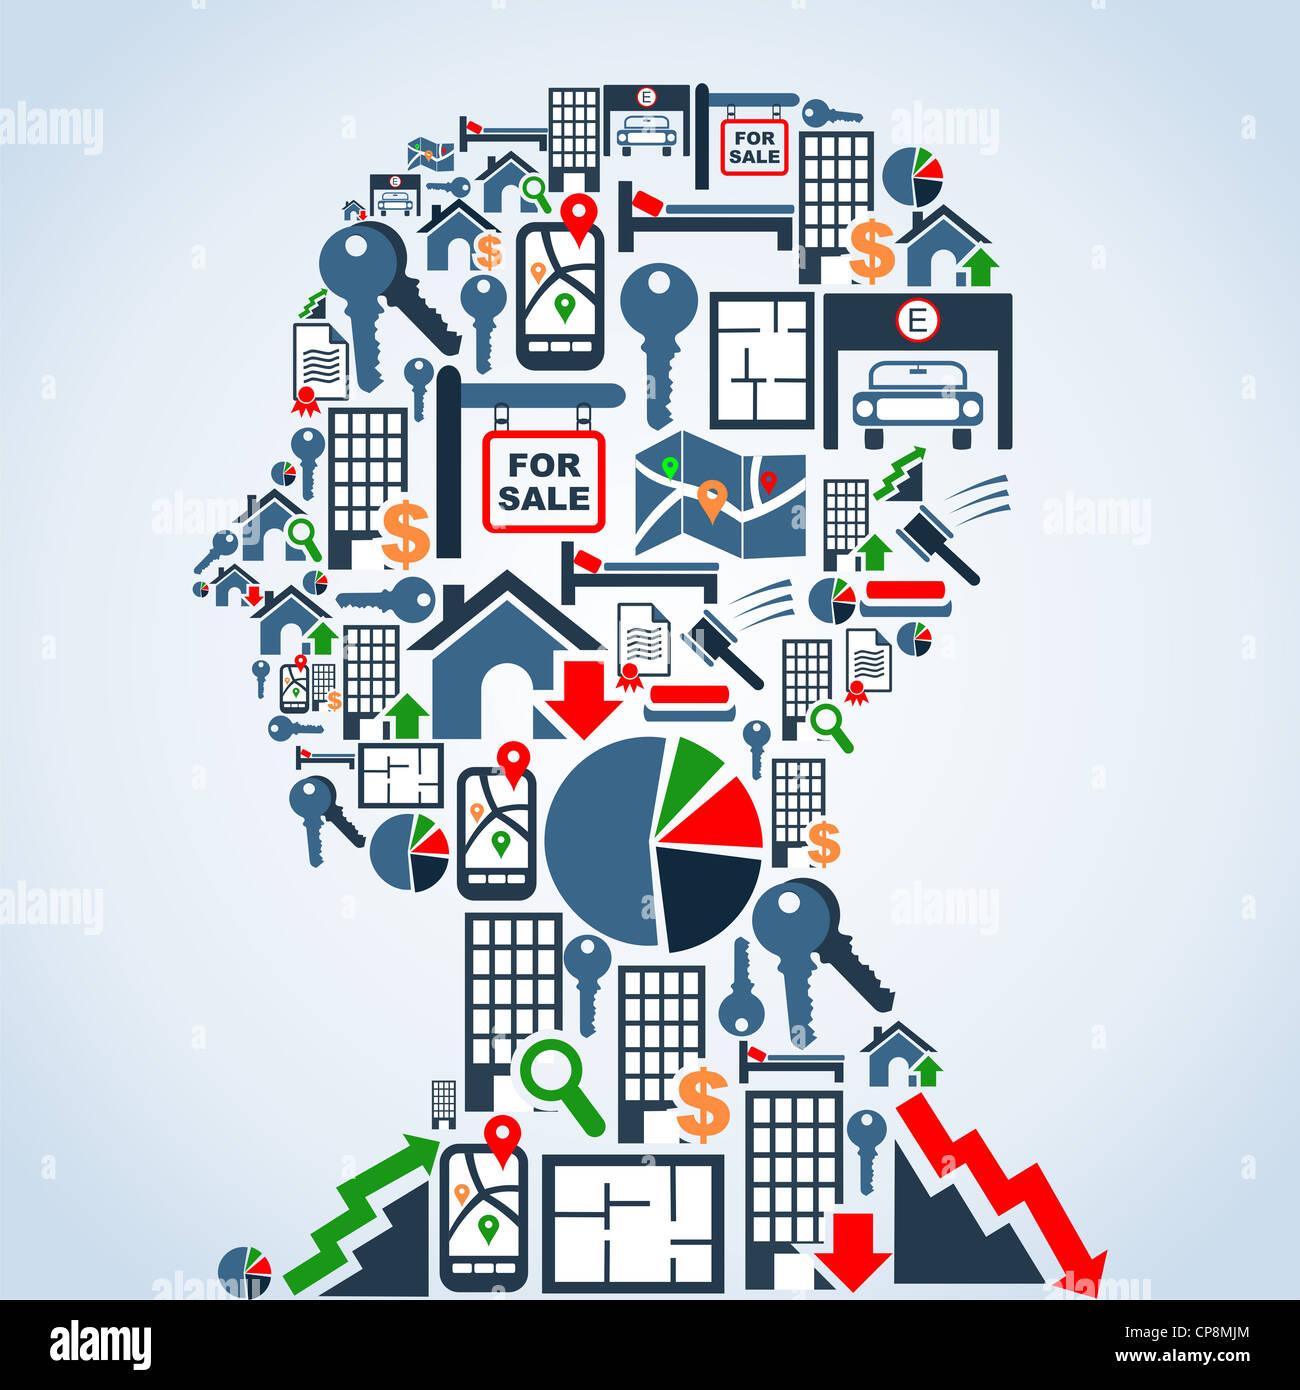 Immobilien Symbolsatz in Mann Kopfform Hintergrund Illustration. Vektor-Datei geschichtet für einfache Handhabung Stockbild